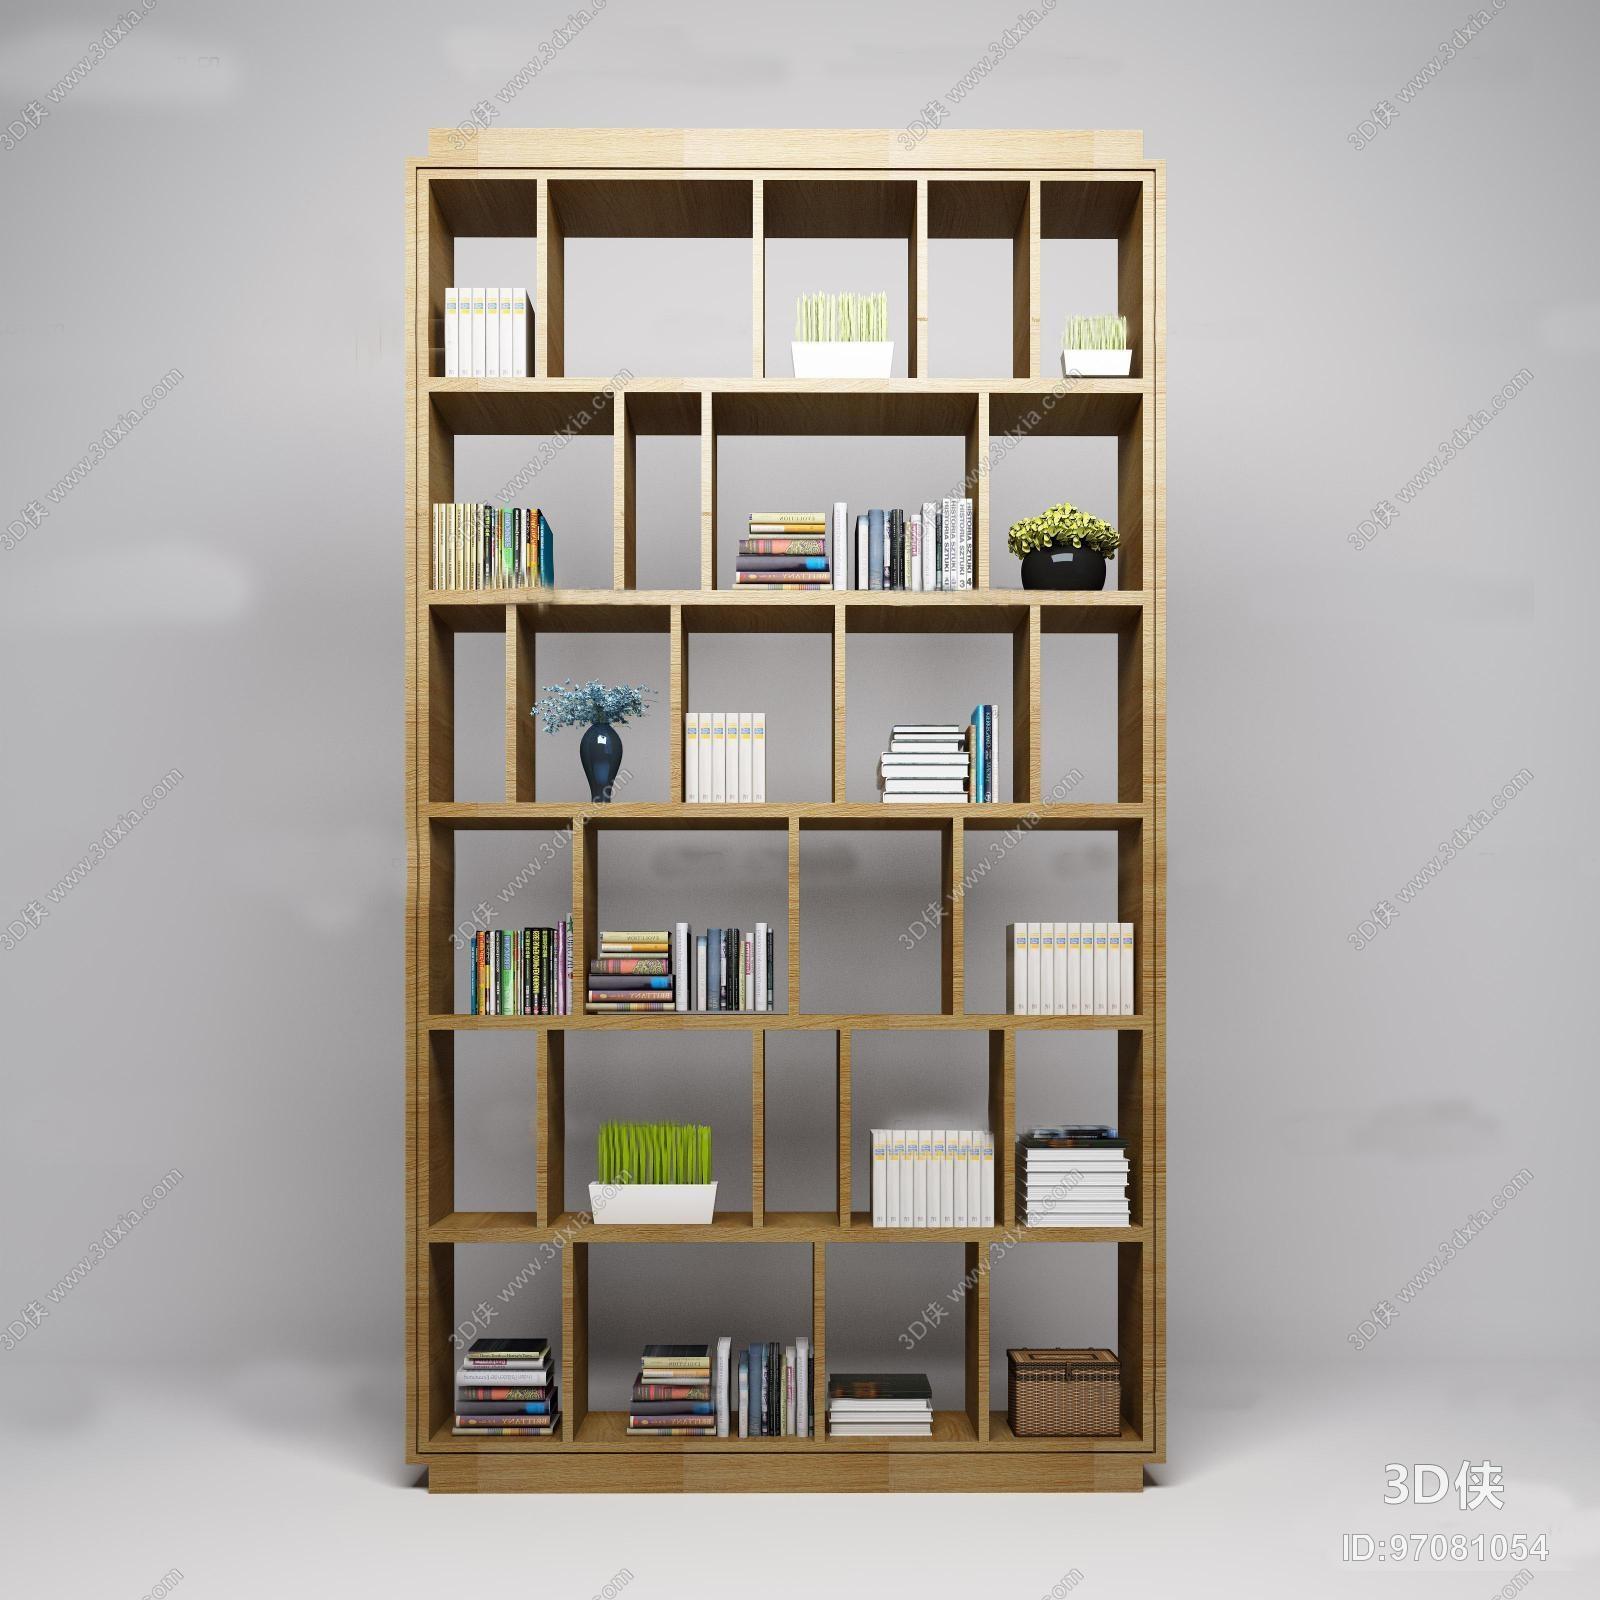 书柜效果图素材免费下载,本作品主题是现代书架书籍组合3d模型,编号是